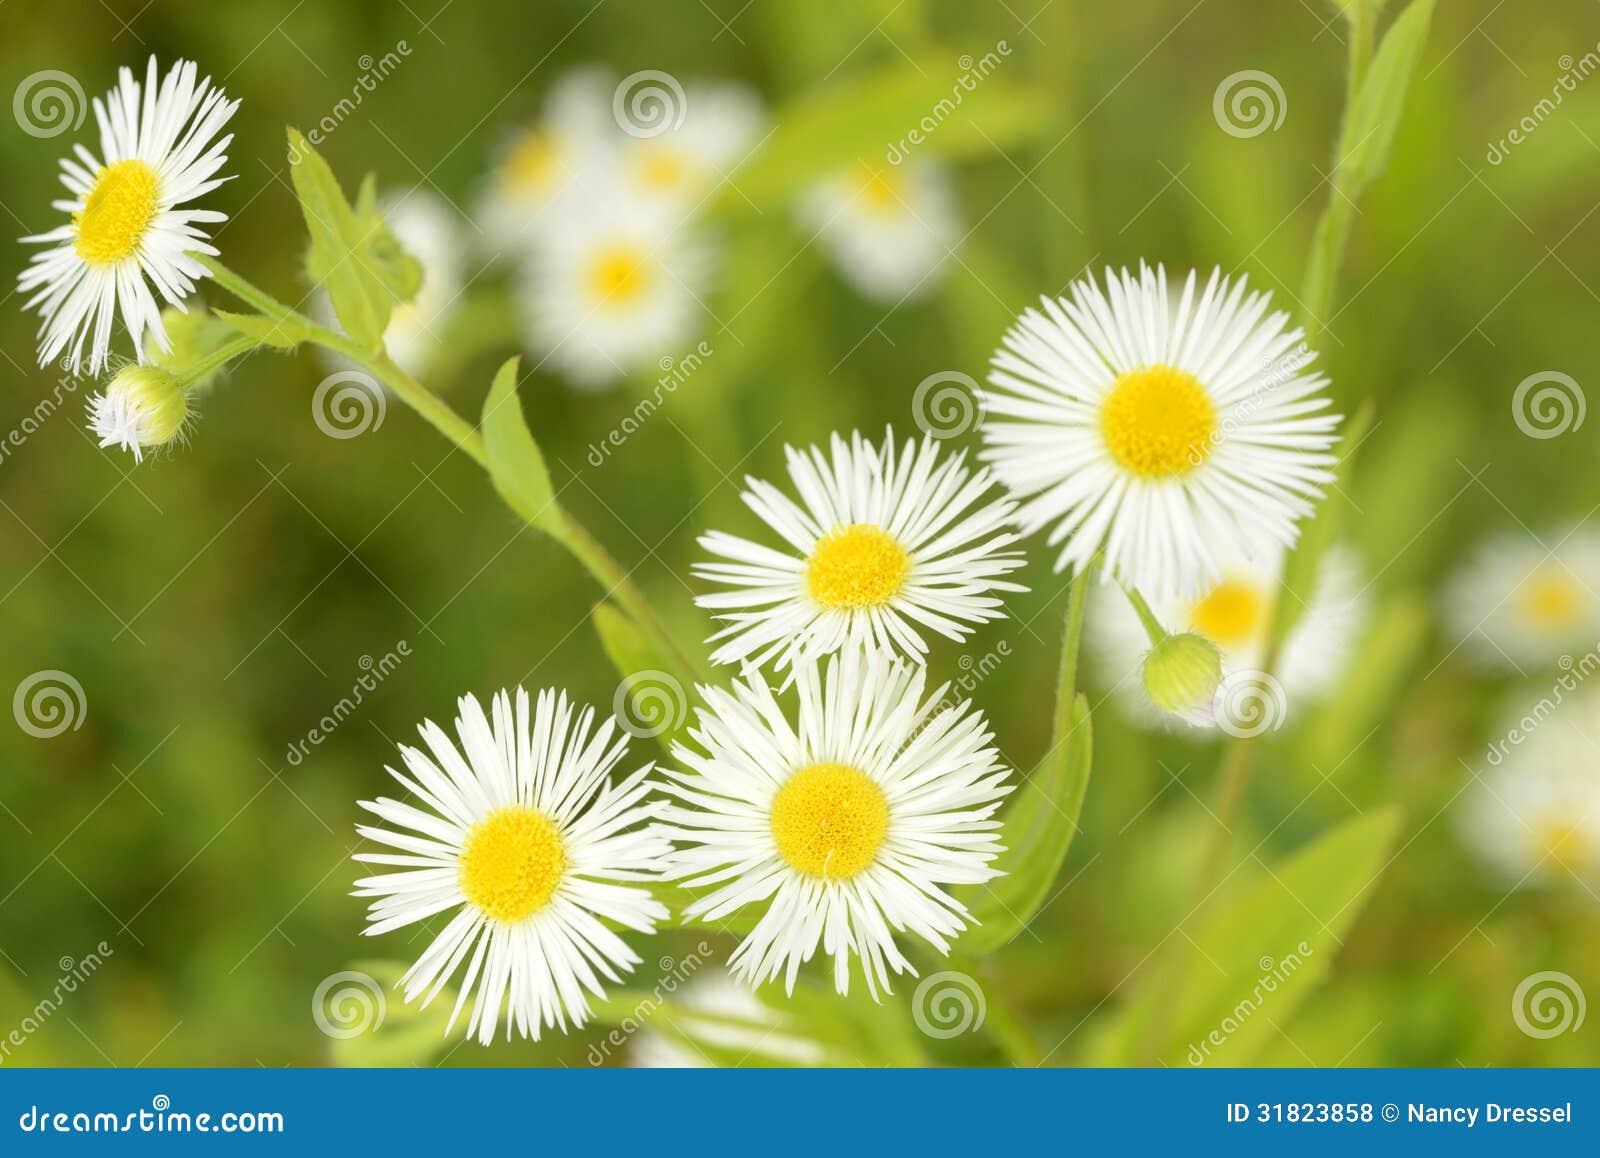 Petites Fleurs De Marguerite En Nature Photo Stock Image Du Jardin